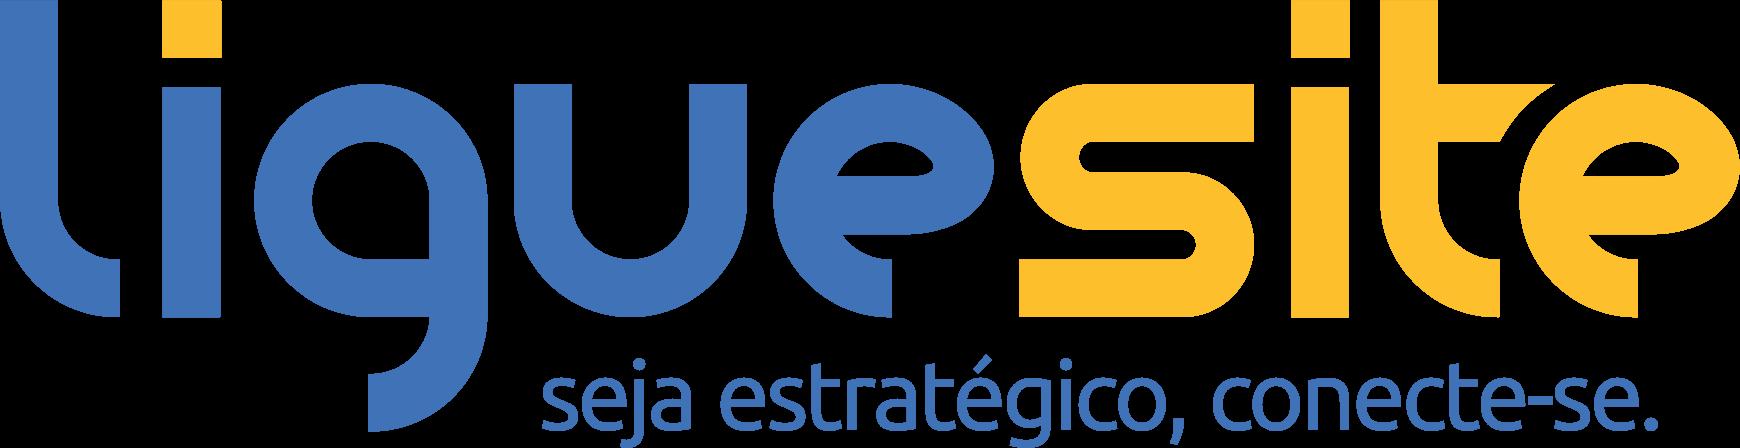 Liguesite Itajaí | Criação de sites em Itajaí, Balneário Camboriú, Itapema, Navegantes, Camboriú, Tijucas e toda a Região